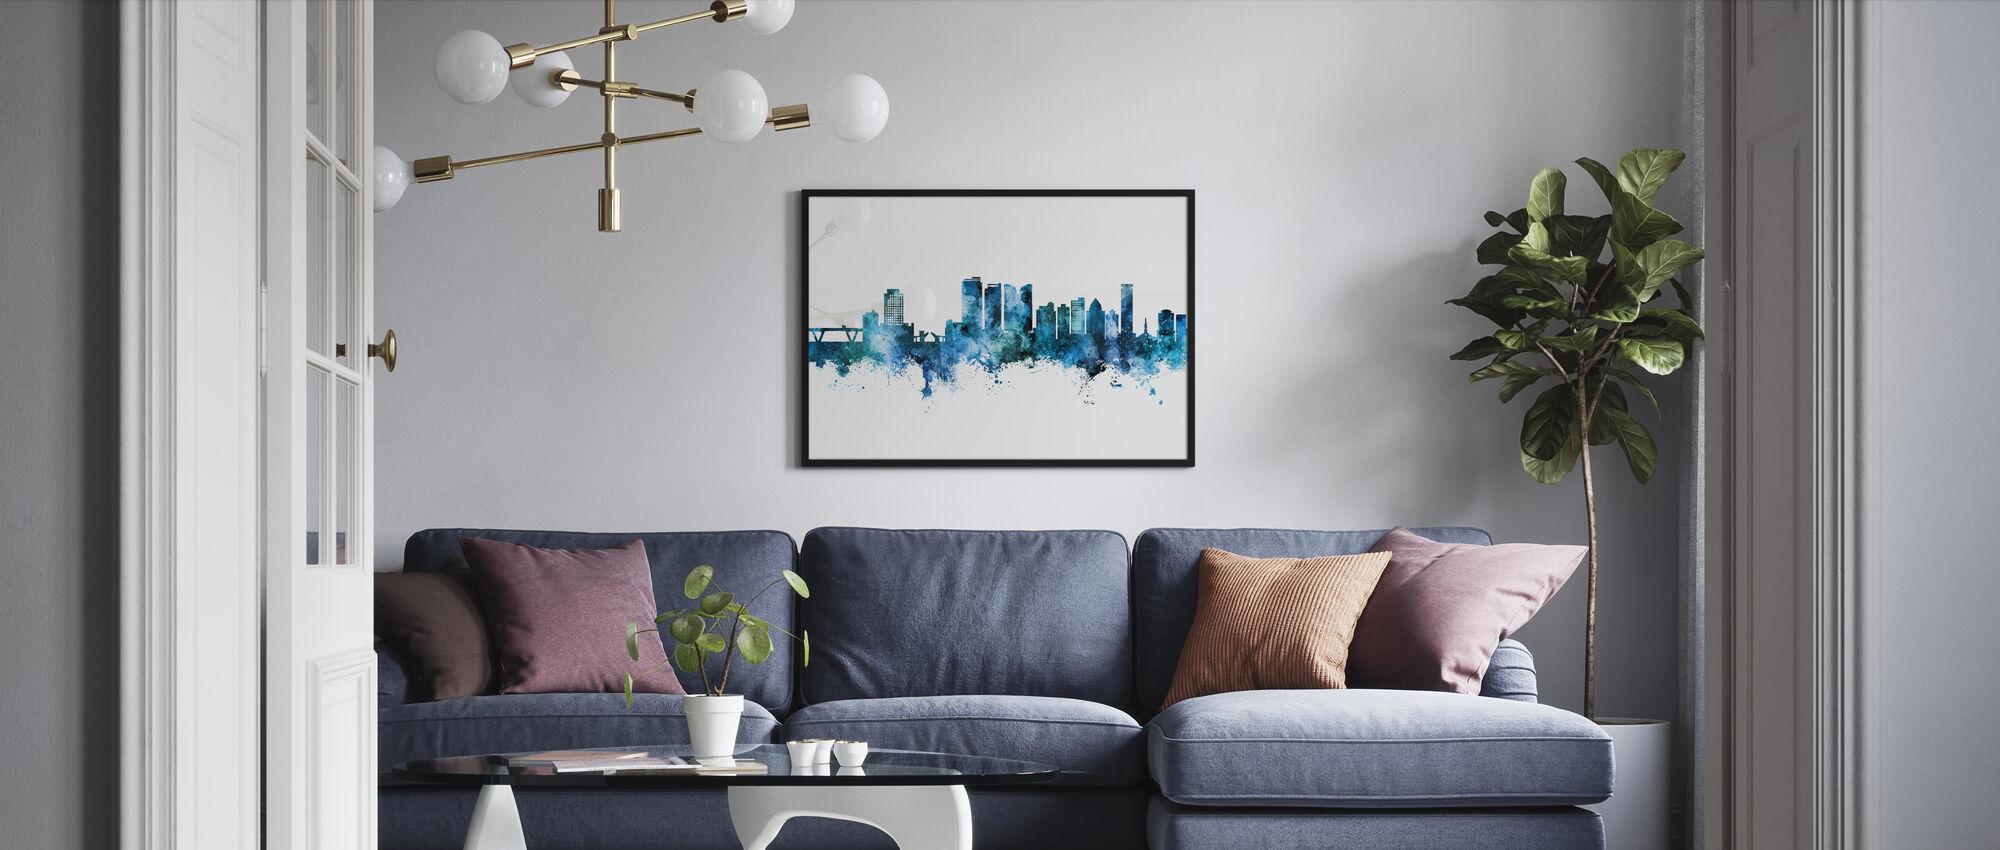 Fort Lauderdale Florida Skyline - Framed print - Living Room